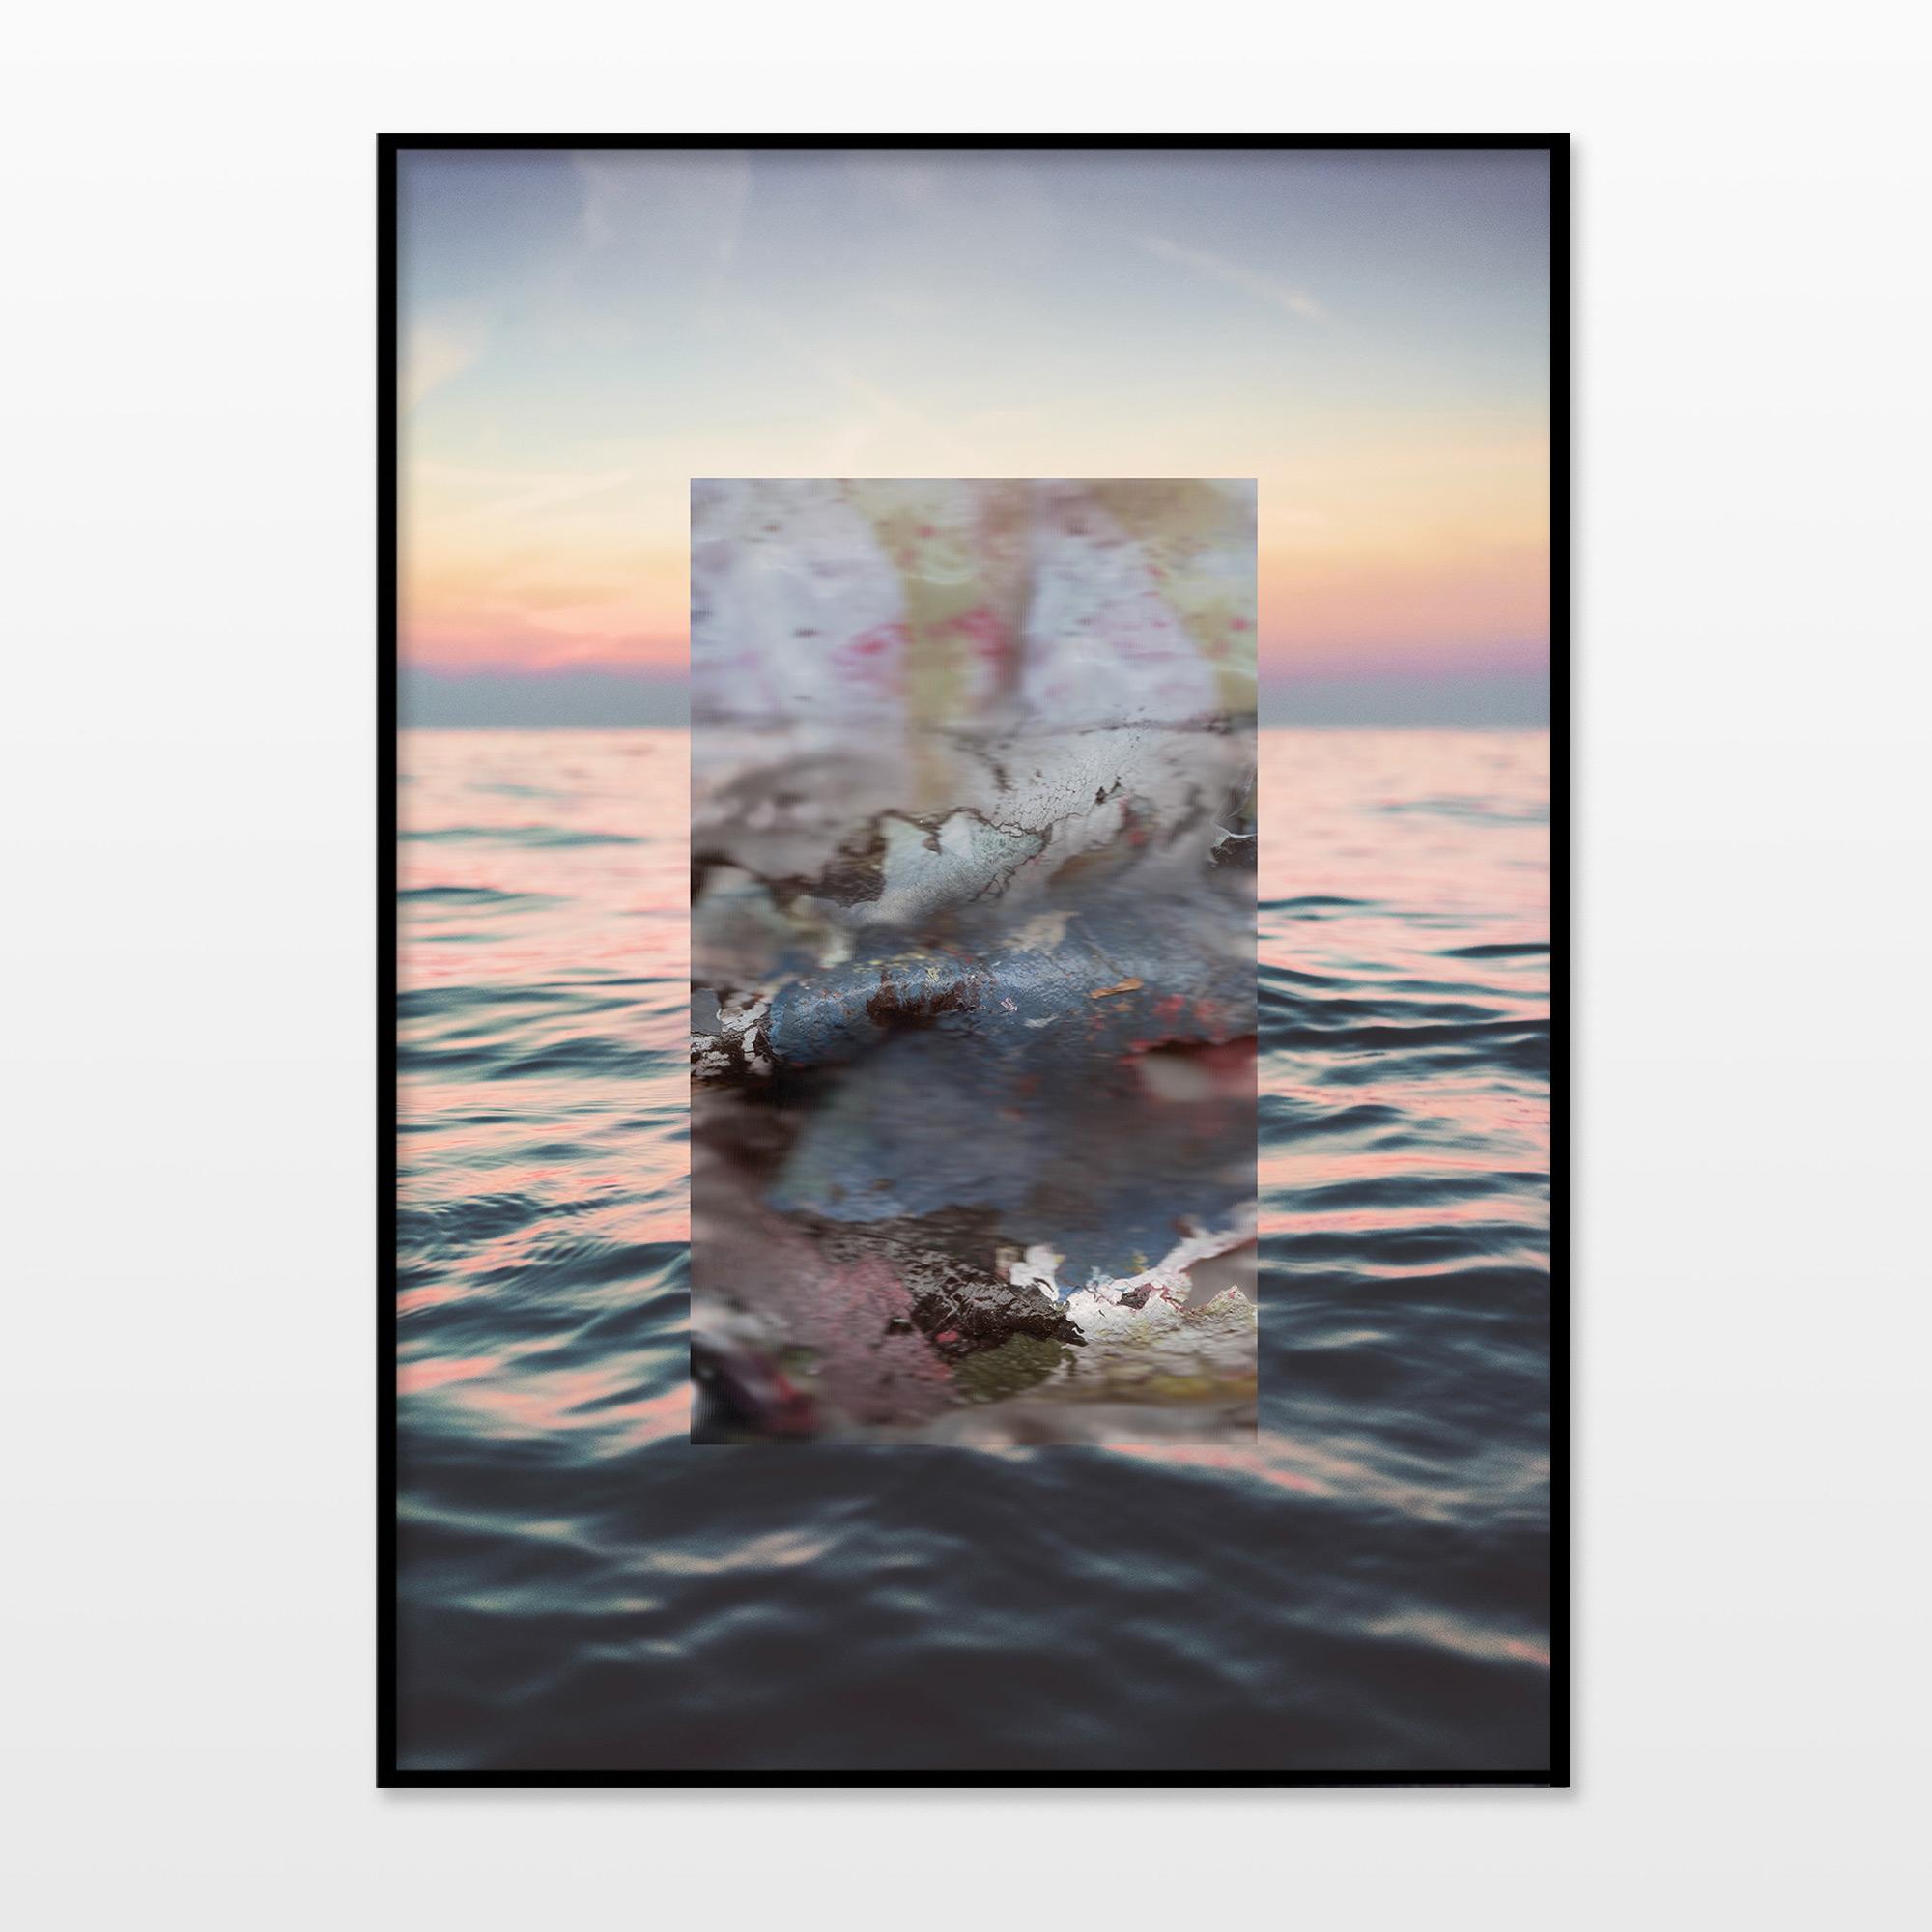 plakater-posters-kunsttryk, giclee-tryk, abstrakte, farverige, grafiske, illustrative, landskab, pop, arkitektur, natur, havet, mønstre, himmel, blå, pink, røde, blæk, papir, smukke, samtidskunst, københavn, dansk, vandret, interiør, bolig-indretning, moderne, moderne-kunst, naturealistiske, nordisk, plakater, tryk, skandinavisk, hav, Køb original kunst og kunstplakater. Malerier, tegninger, limited edition kunsttryk & plakater af dygtige kunstnere.